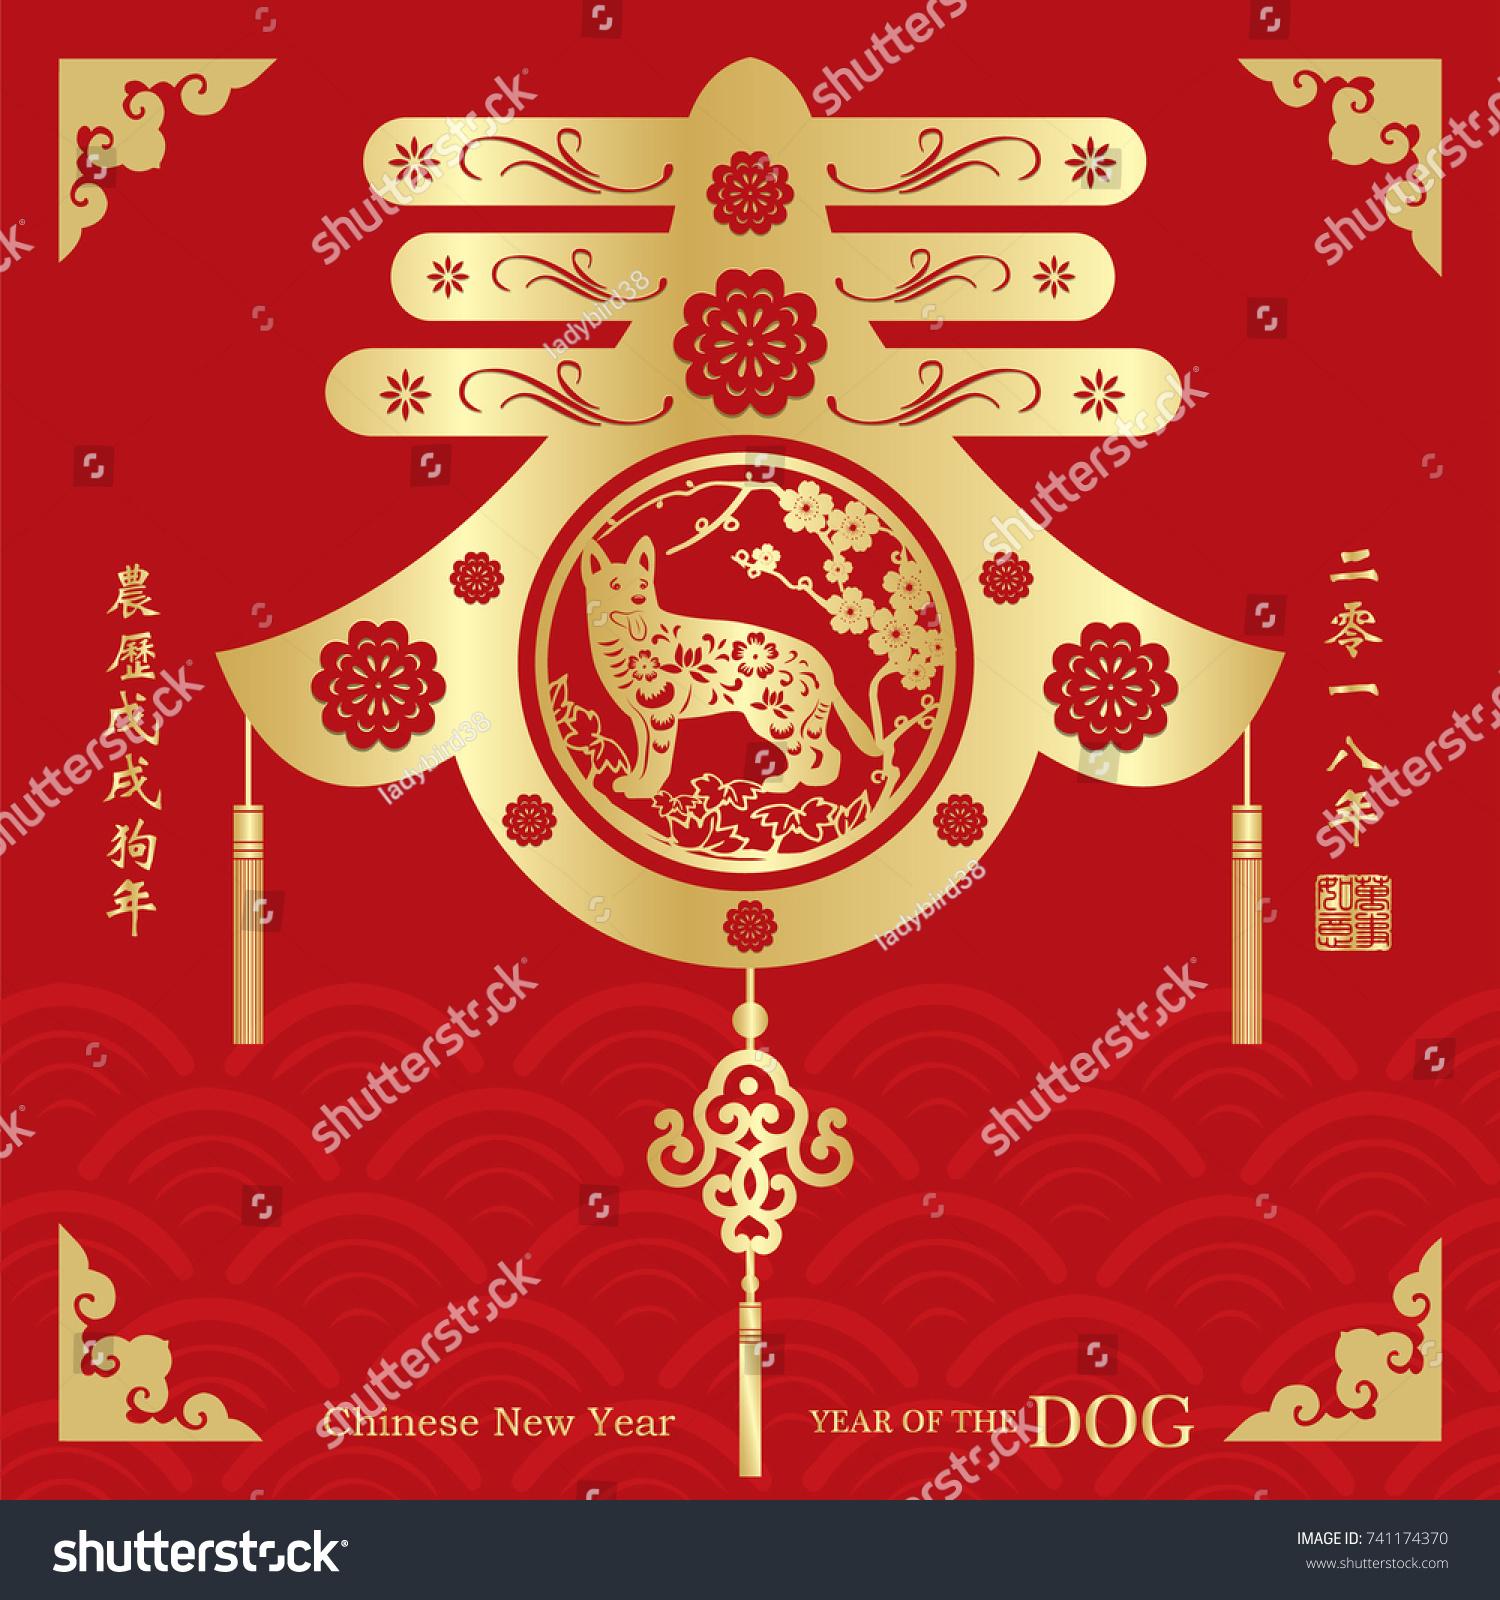 Dog year chinese zodiac symbol paper stock vector 741174370 dog year chinese zodiac symbol with paper cut art chinese translation small wordsyear biocorpaavc Gallery